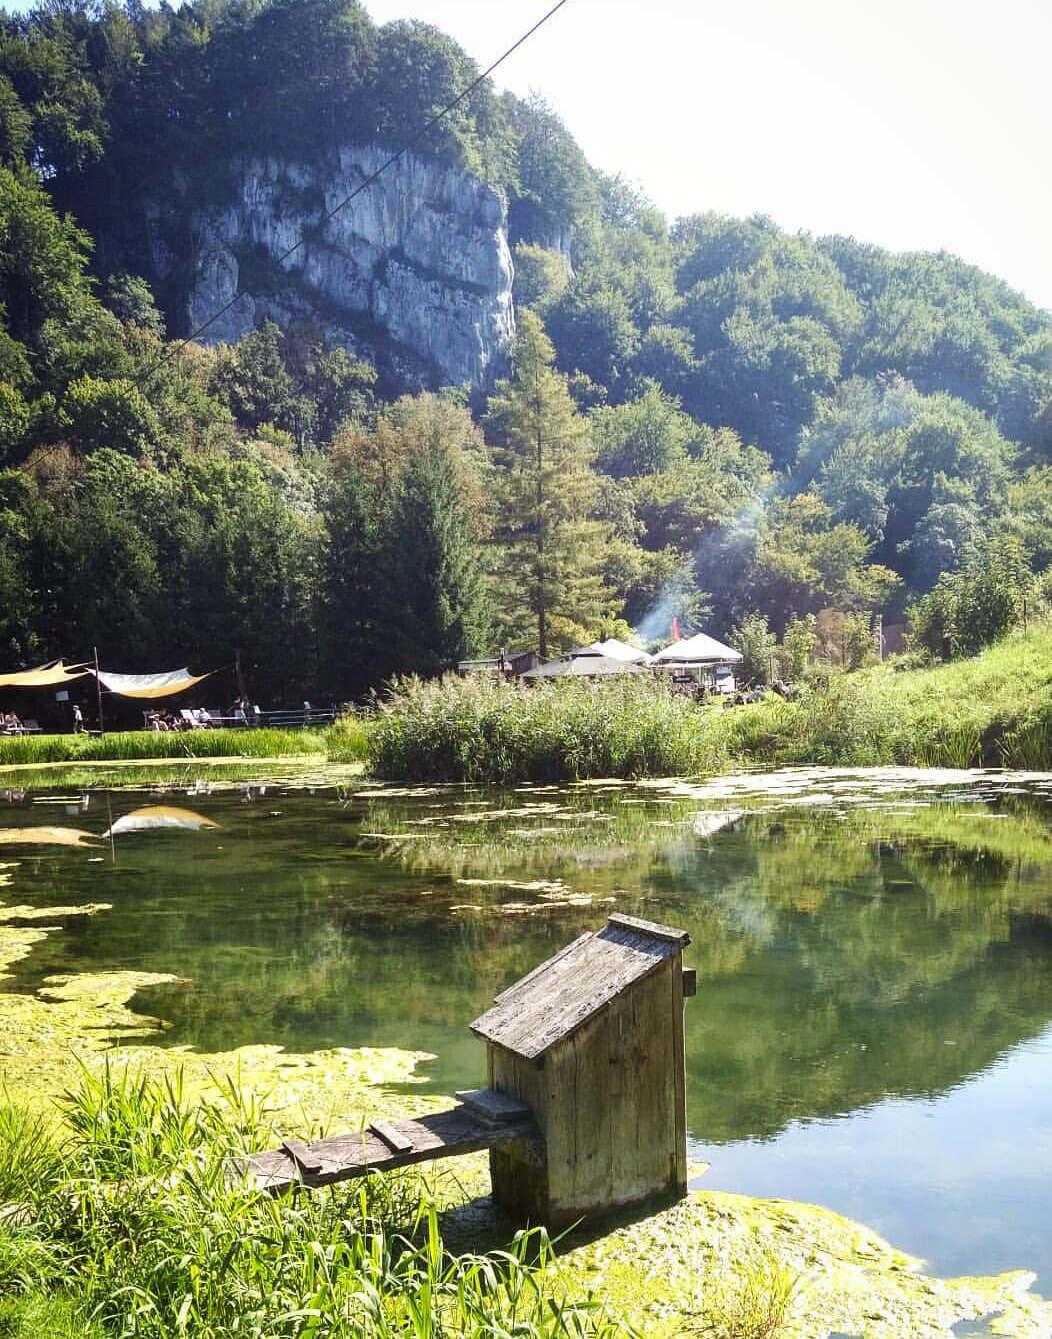 <p>Ojcowski Park Narodowy to najmniejszy z 23 parków narodowych w Polsce, o powierzchni 21,46 kilometrów kwadratowych. Jest to również jeden z najstarszych parków przyrodniczych - powstał w styczniu 1956 roku. Nazwa pochodzi od wioski Oitsuv, w której mieści się siedziba główna.</p><p><br></p><p>Ojcowski Park Narodowy położony jest około 16 kilometrów na północny wschód od Krakowa.</p>